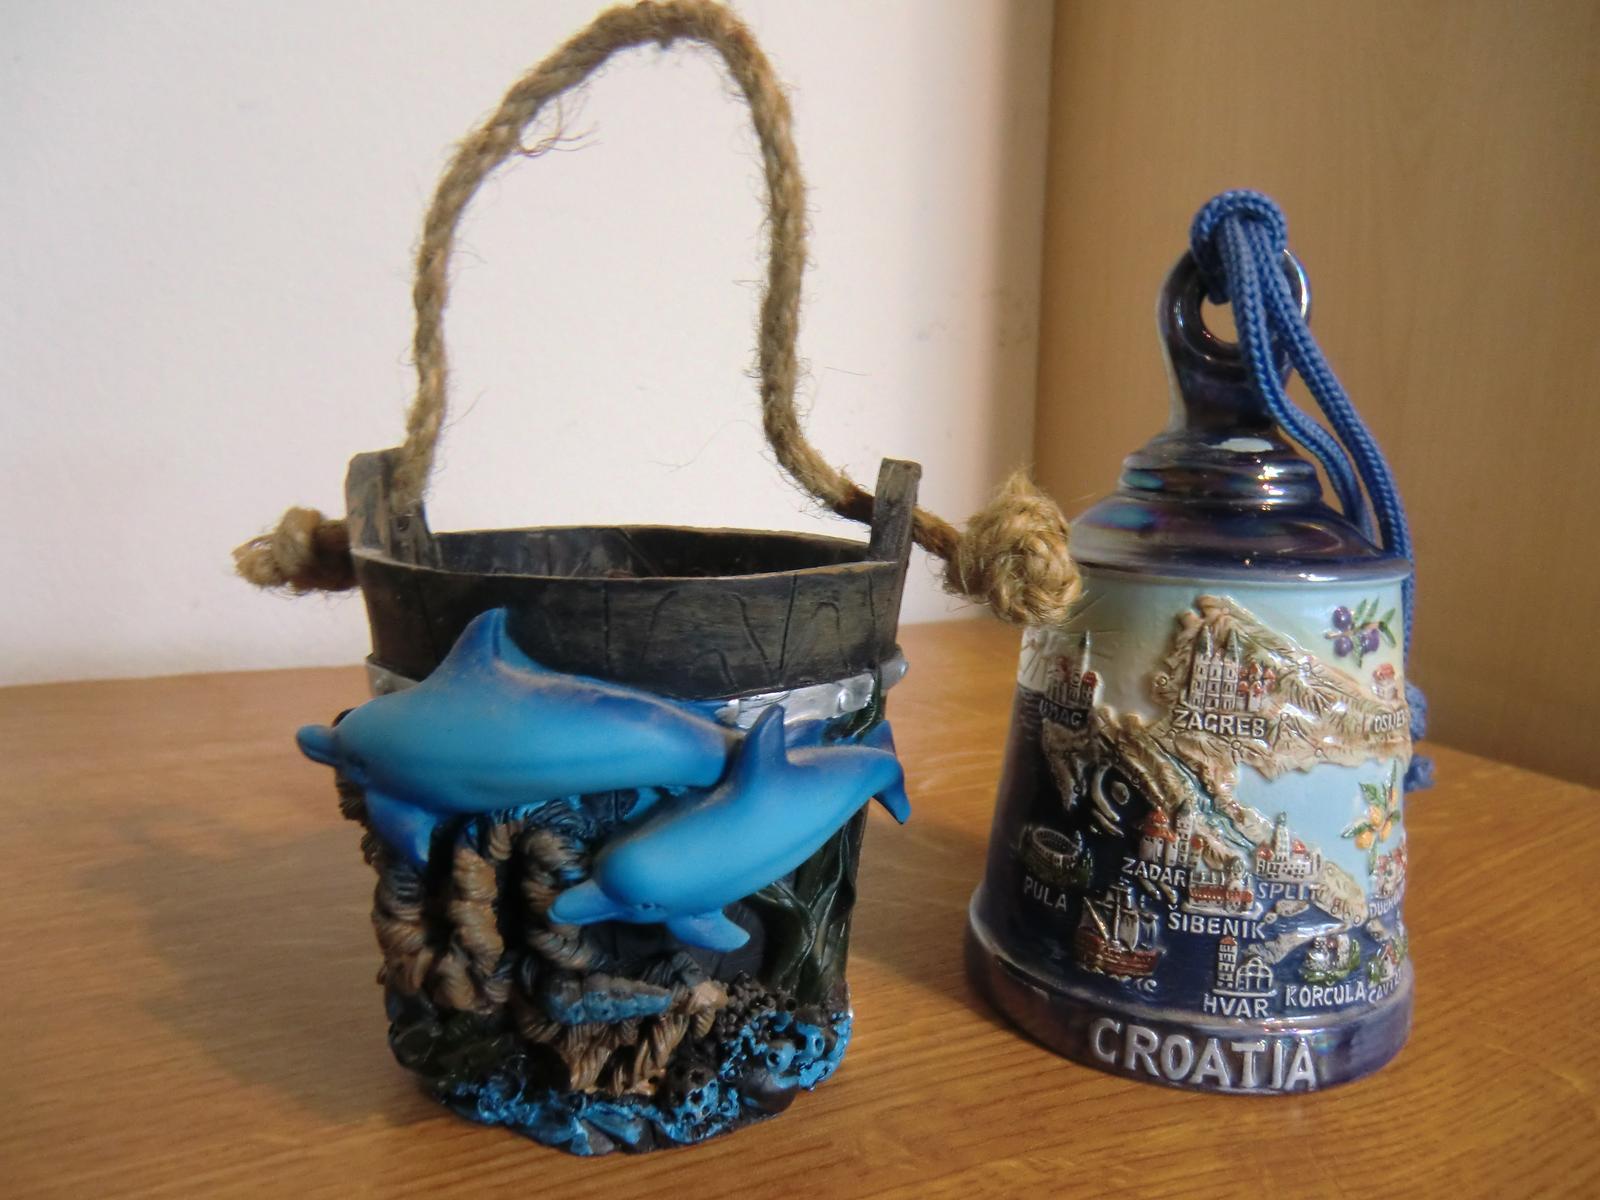 Suvenír-zvonček z Chorvátska - Obrázok č. 1